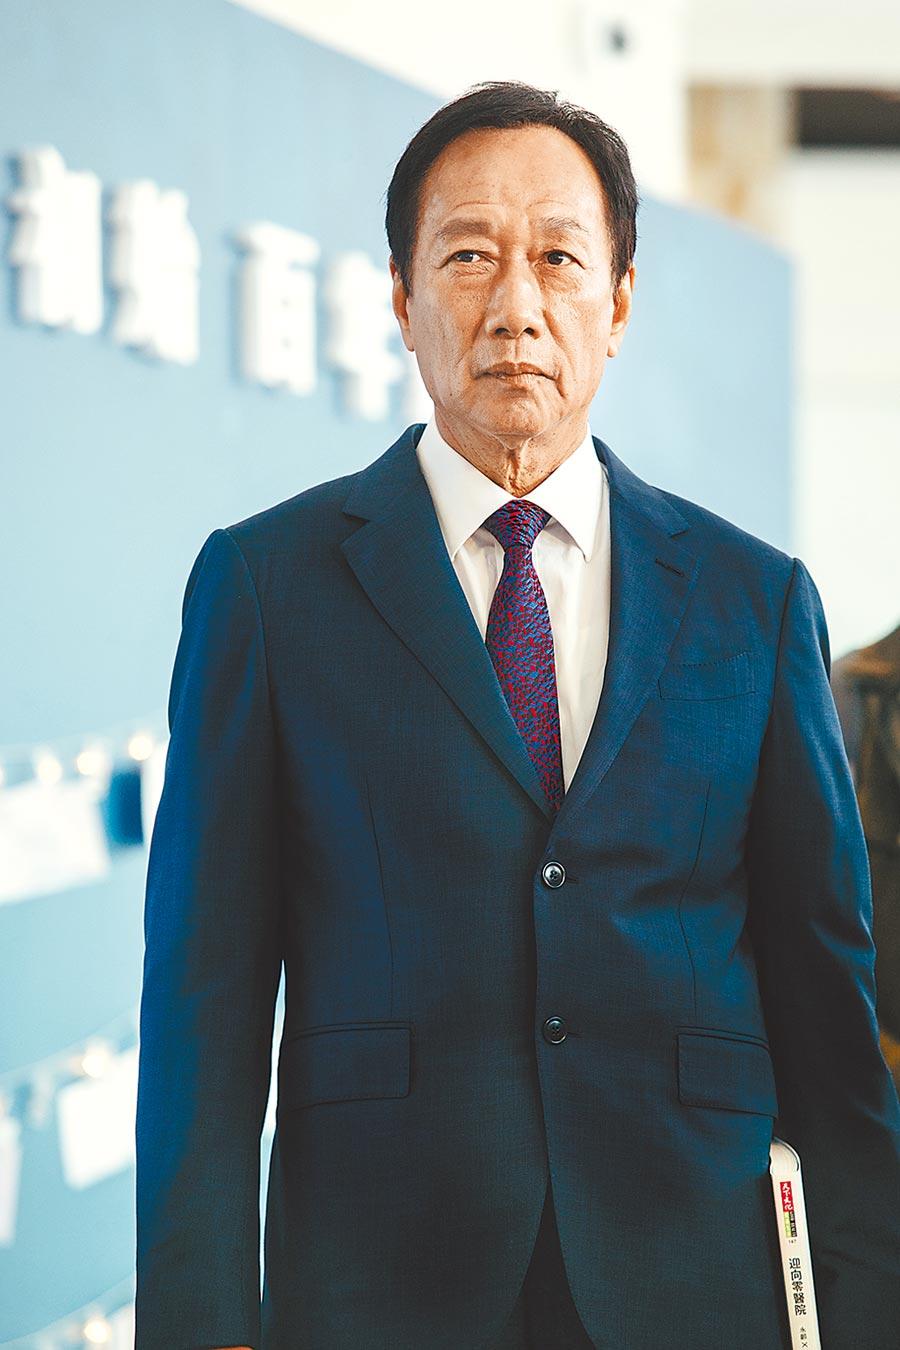 鴻海集團創辦人、永齡基金會創辦人郭台銘。(本報系資料照片)